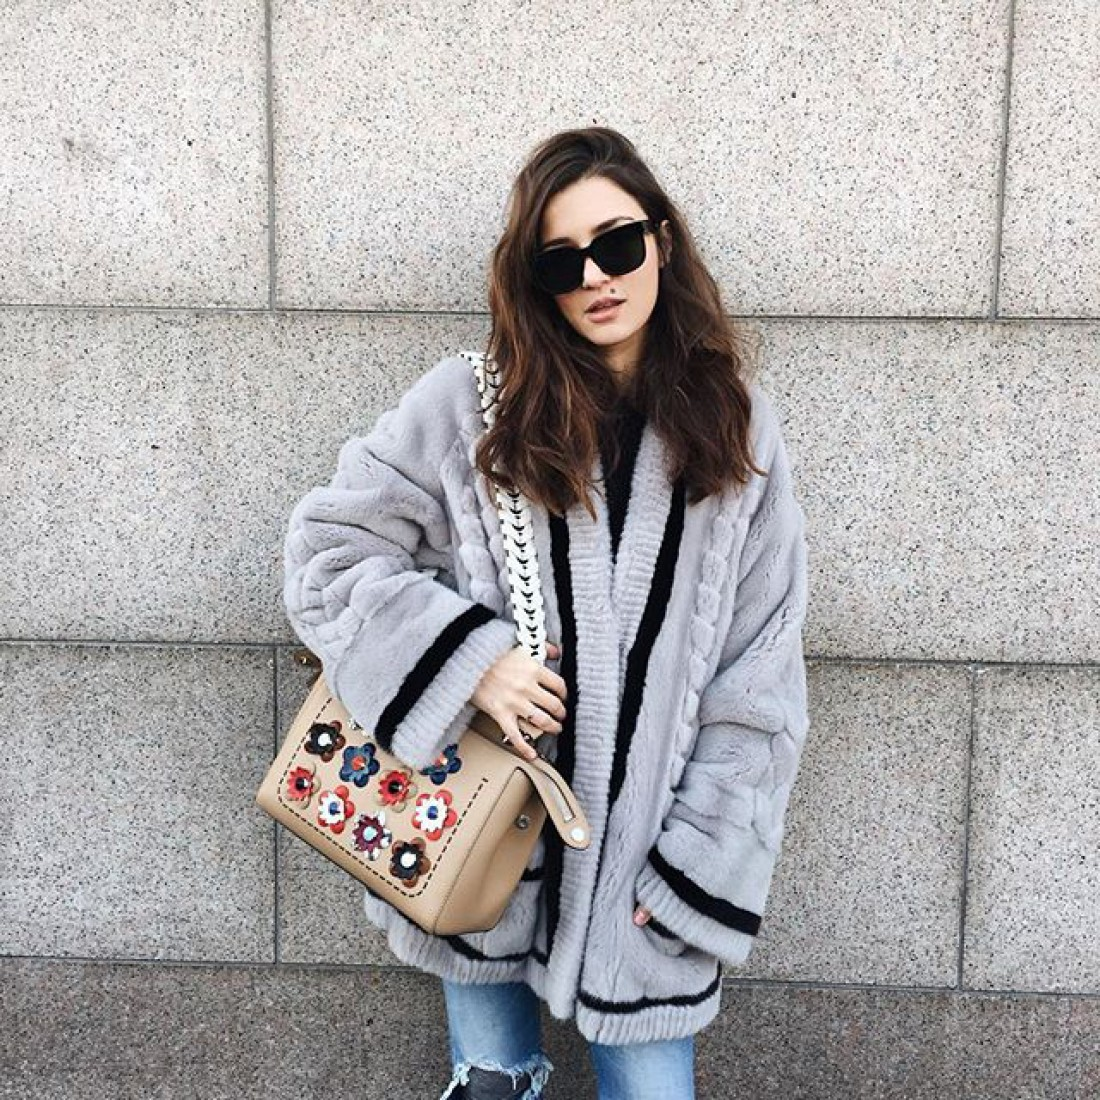 Итальянская звезда Instagram Элеонора Каризи